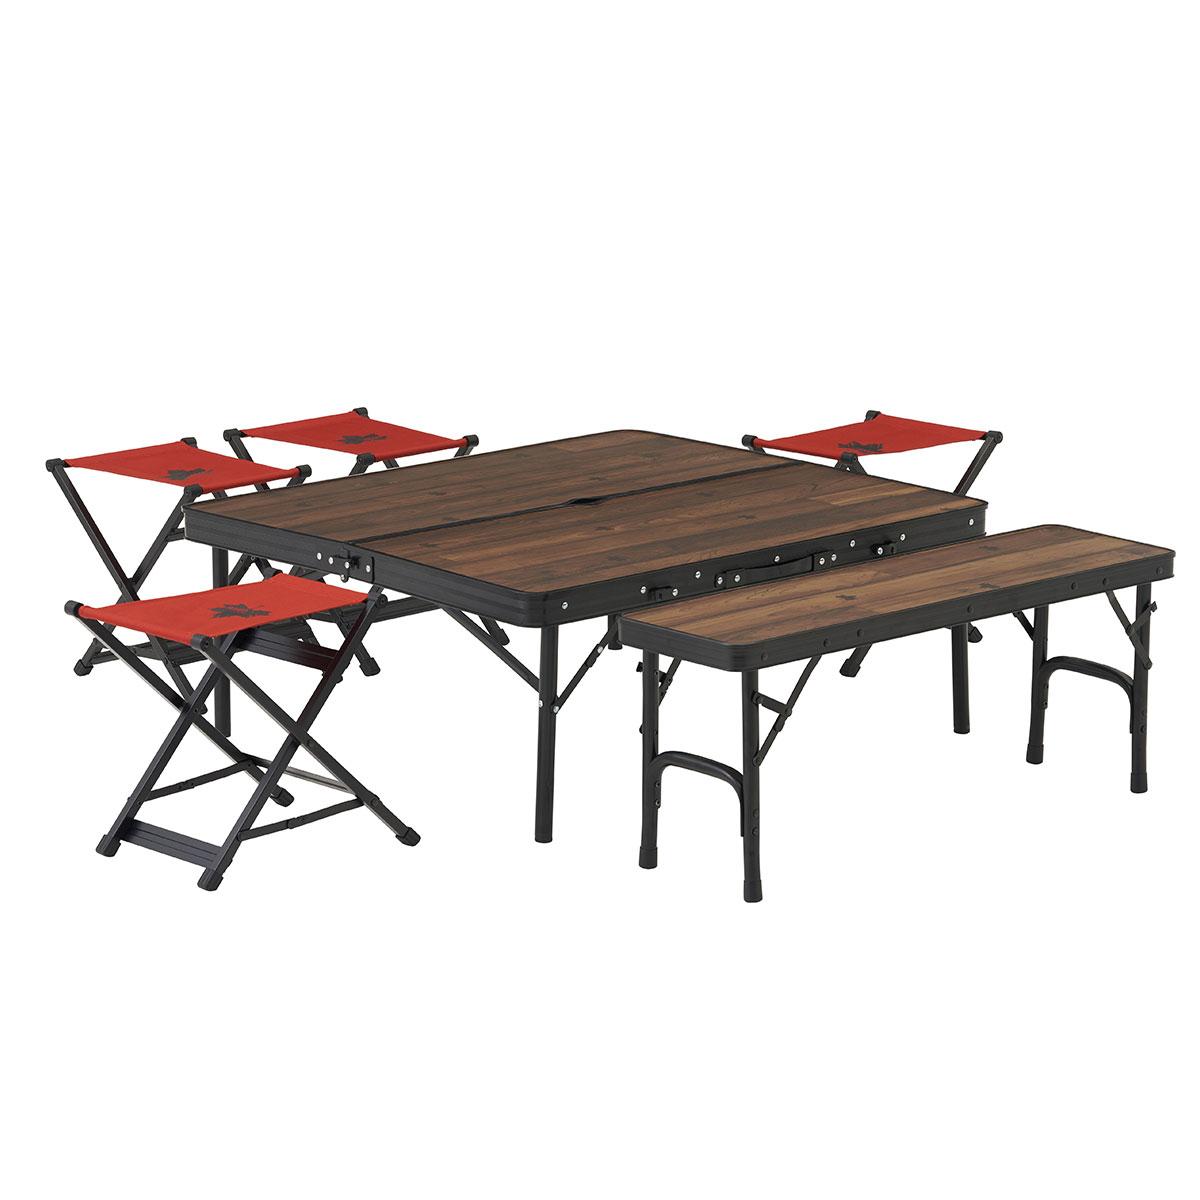 LOGOS ロゴス Tracksleeper ベンチ&チェアテーブルセット6 73188034 | アウトドア キャンプ 組立てがラク 火の粉に強い椅子